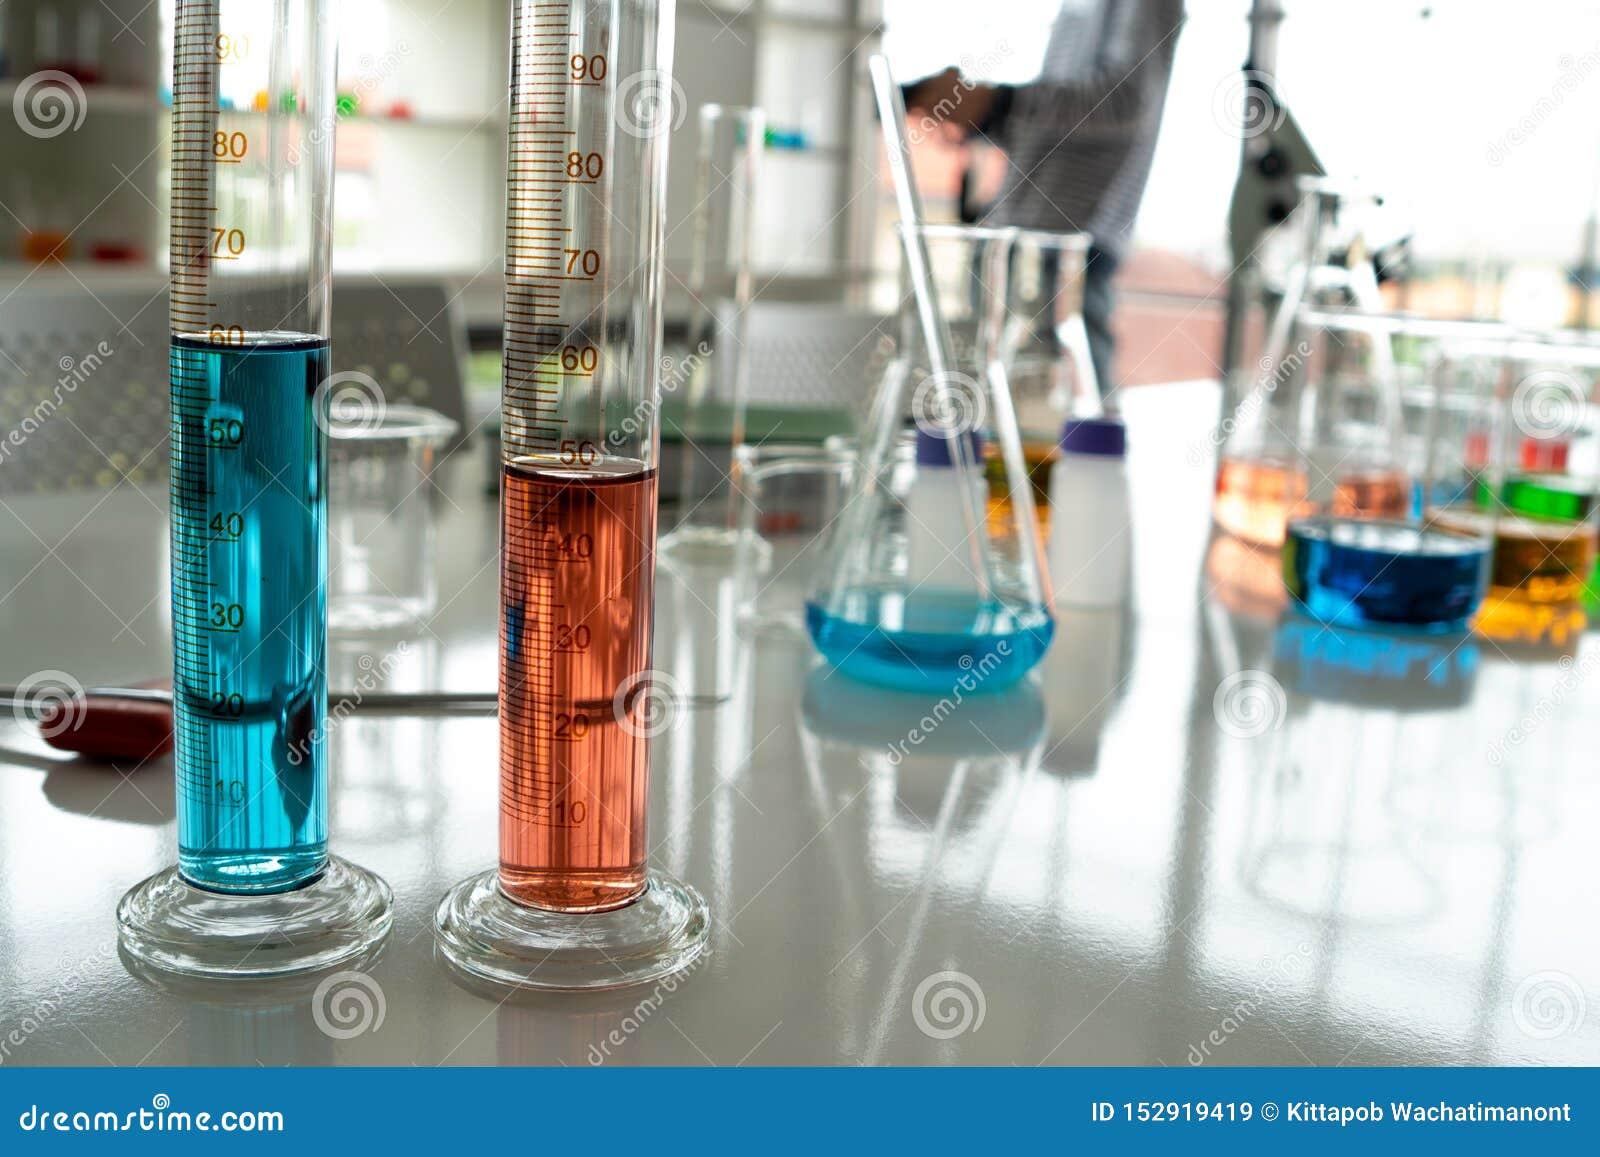 Szklane tubki, wiele próbne tubki które zawierają różnorodnych kolory ciecz w laboratorium